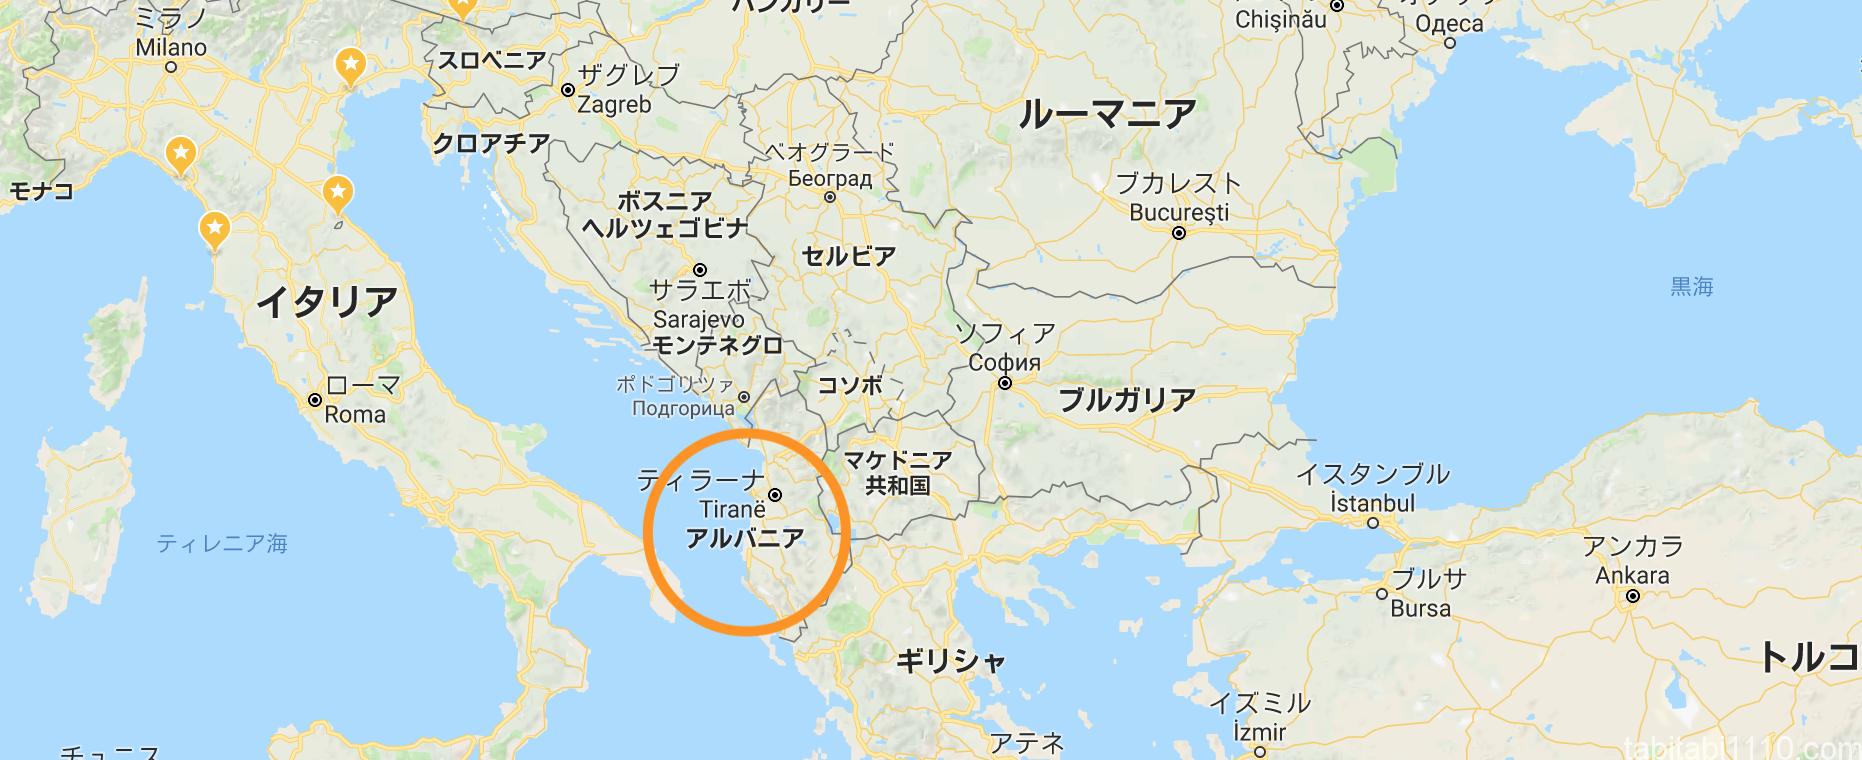 アルバニアの位置